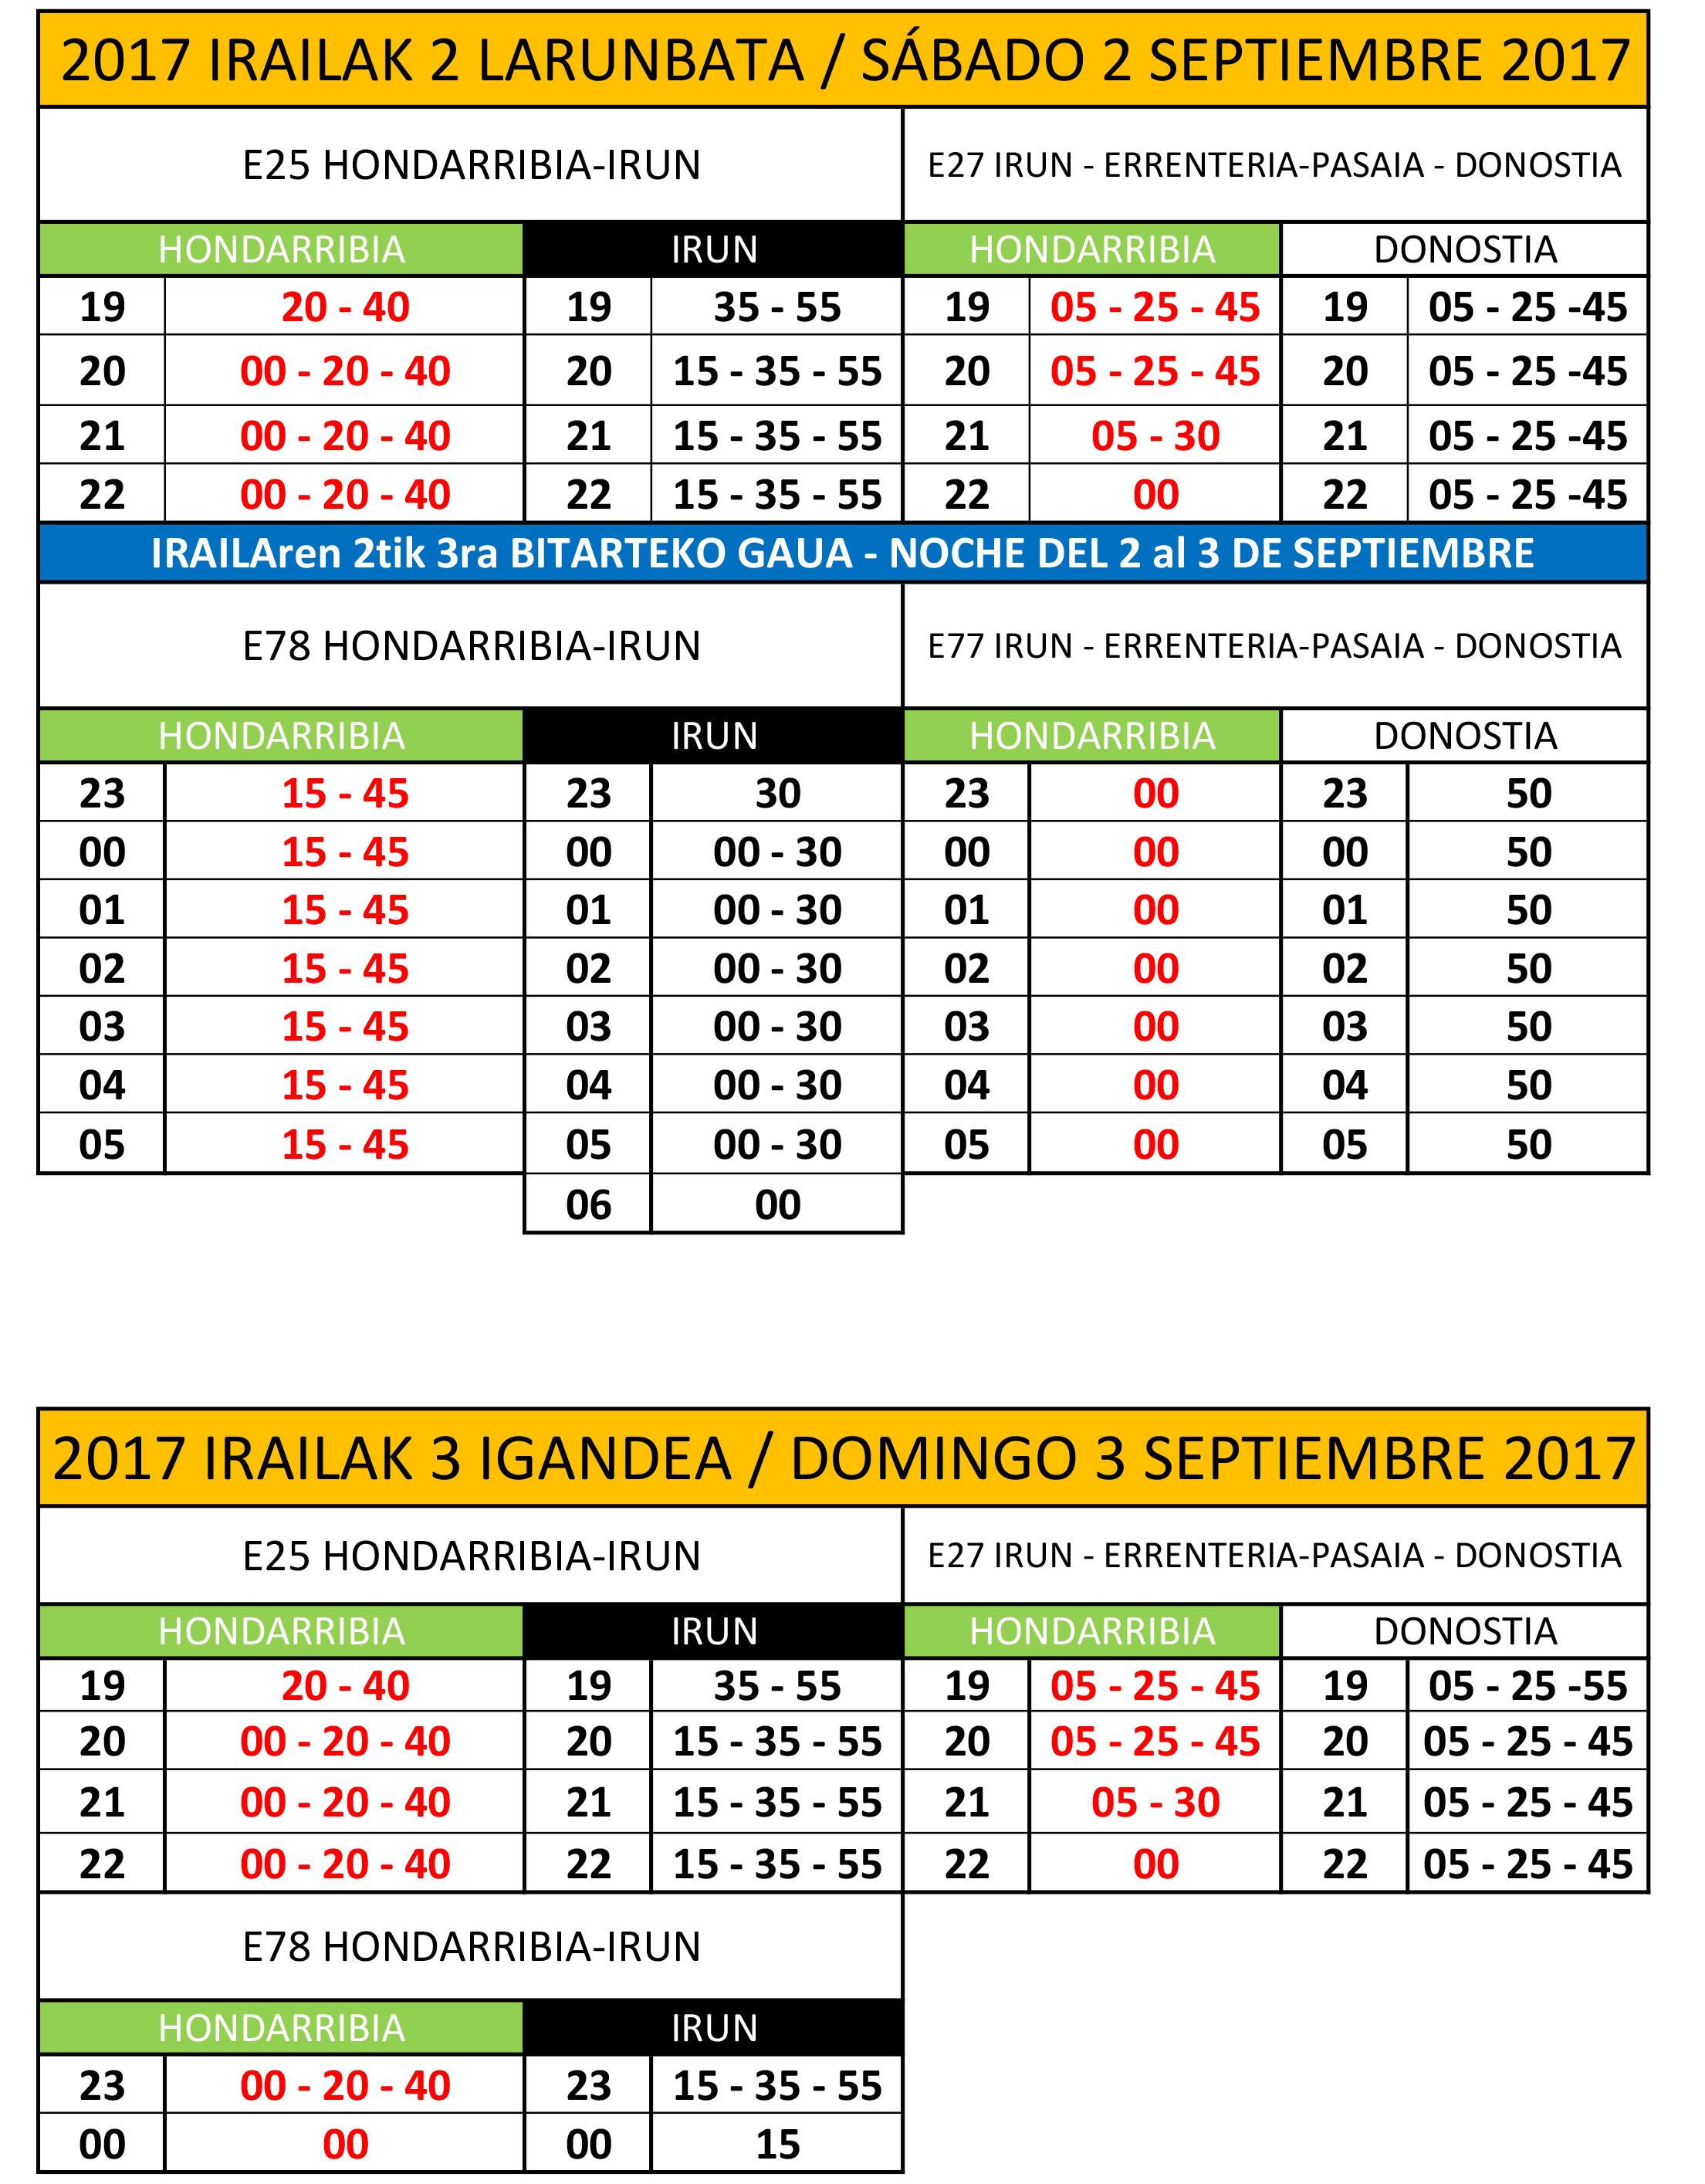 horarios al público 2017